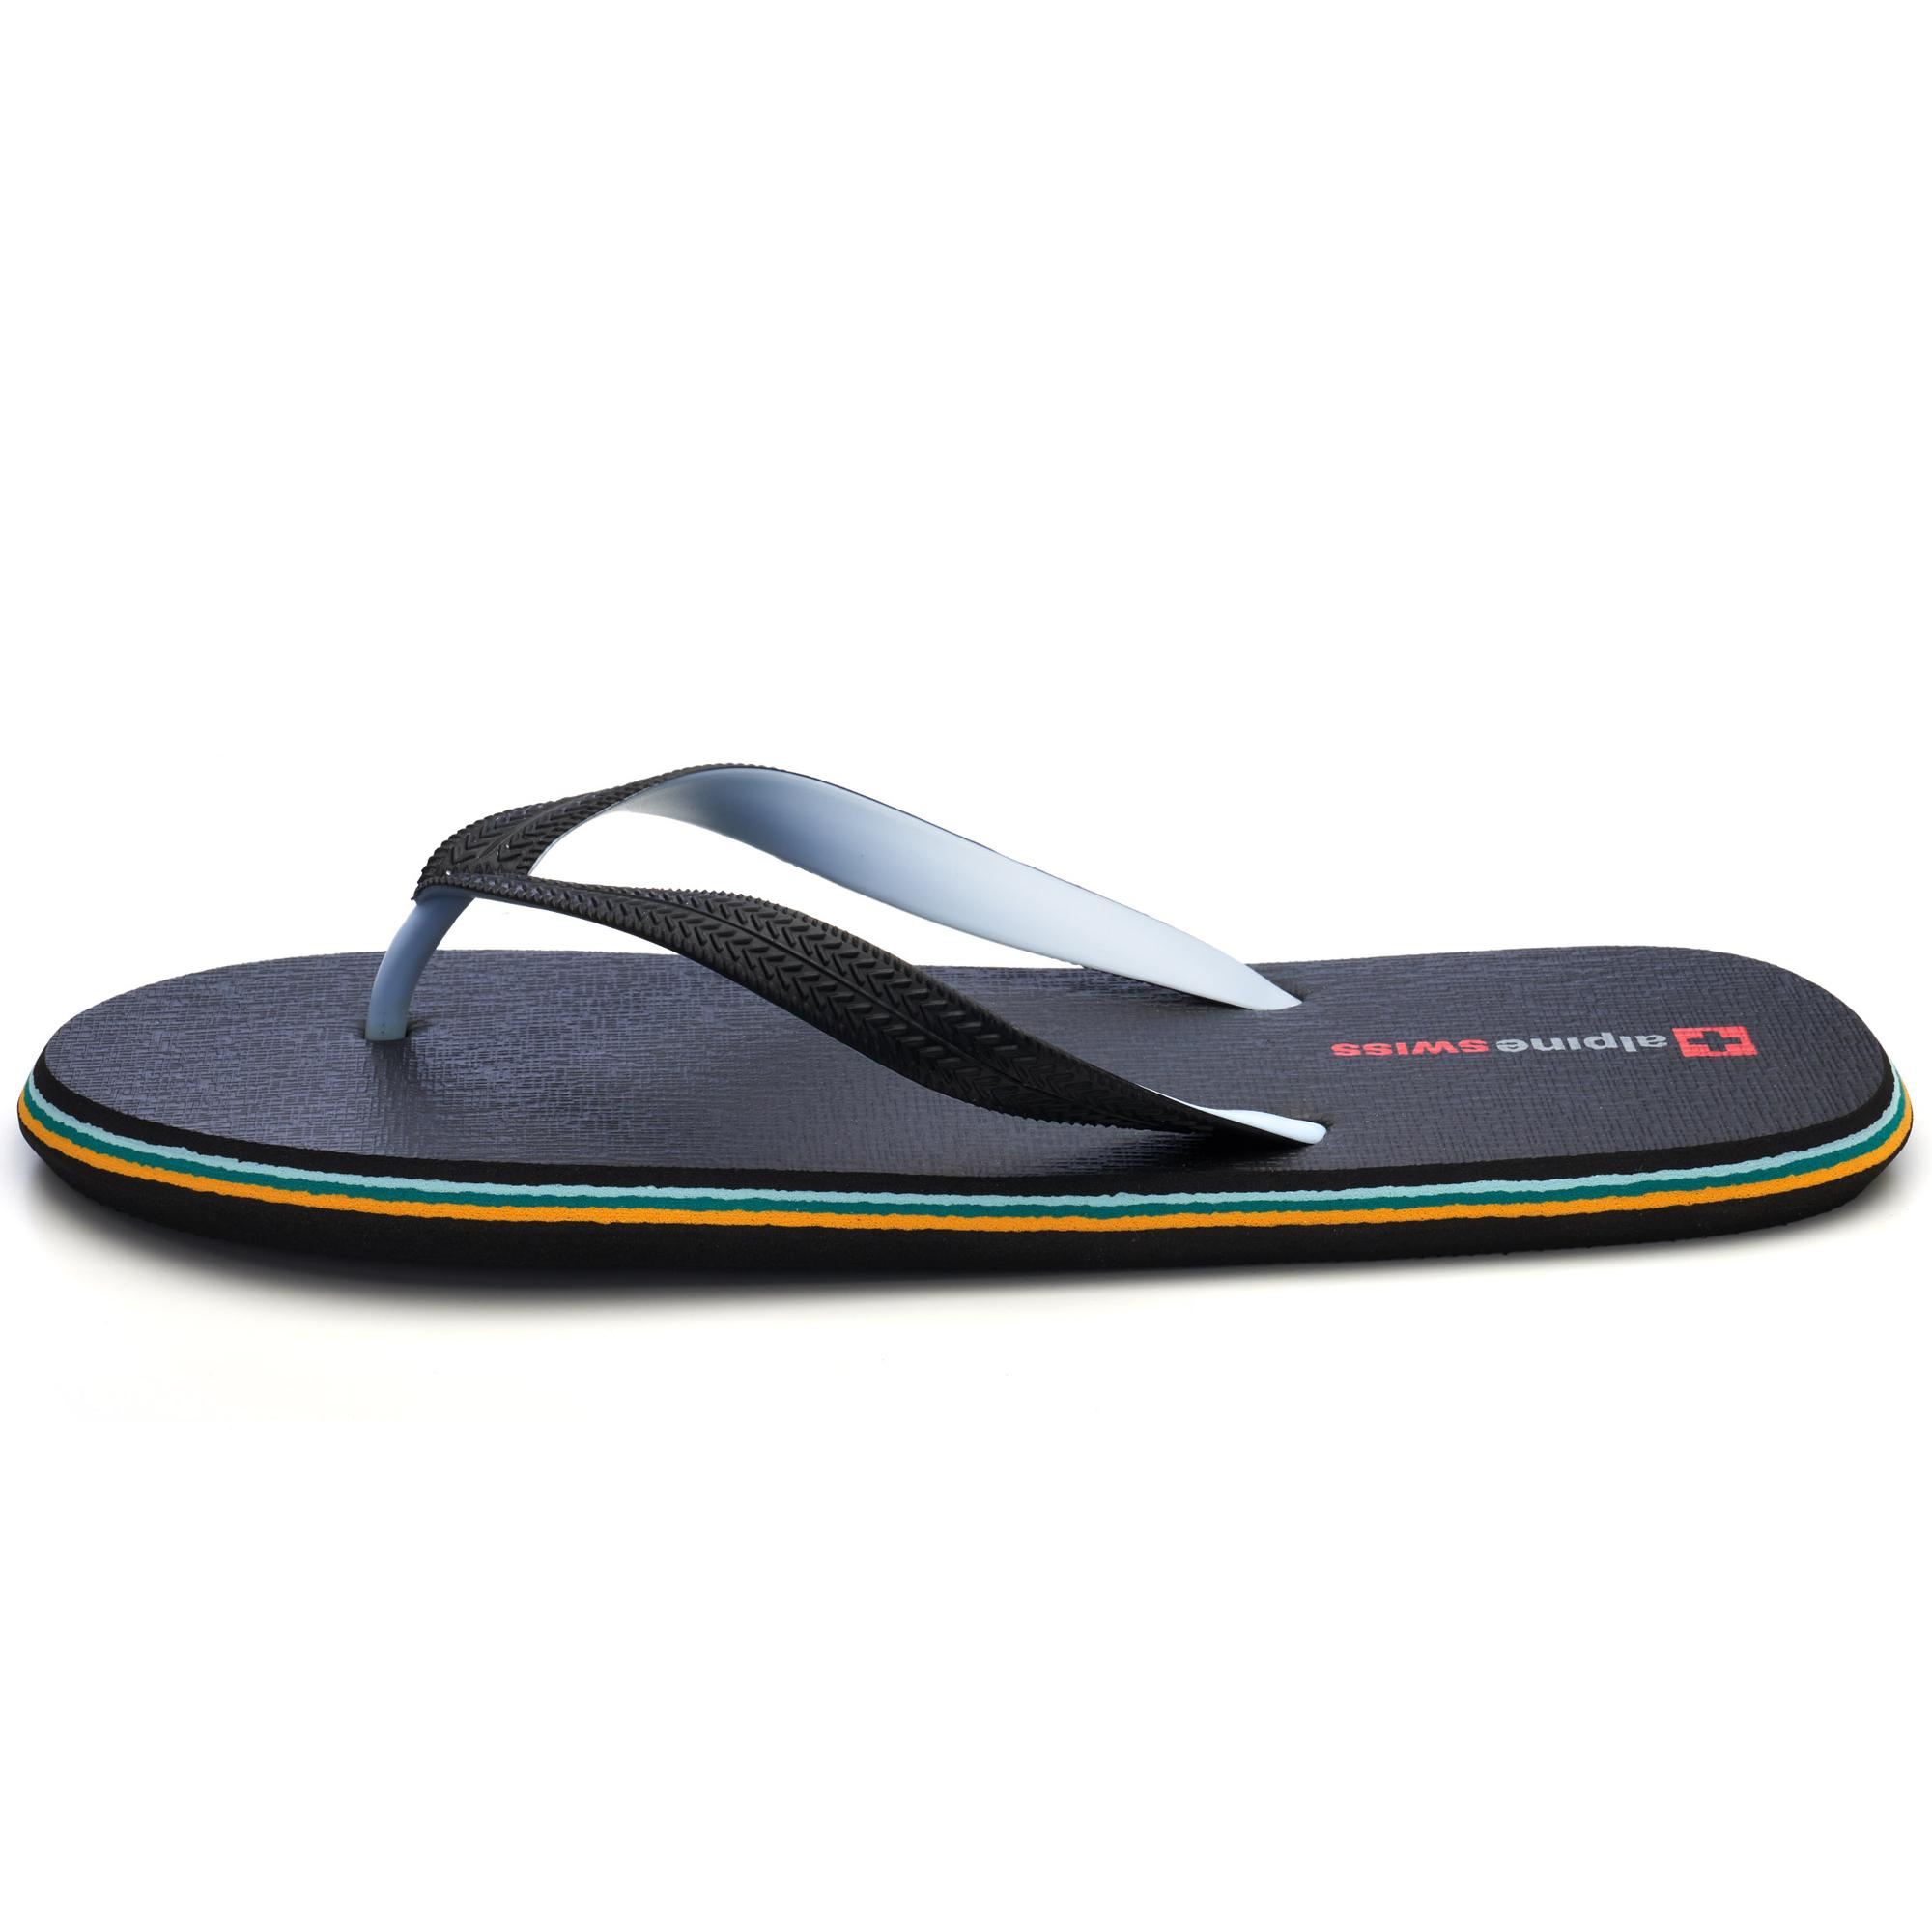 Alpine-Swiss-Mens-Flip-Flops-Beach-Sandals-Lightweight-EVA-Sole-Comfort-Thongs thumbnail 19